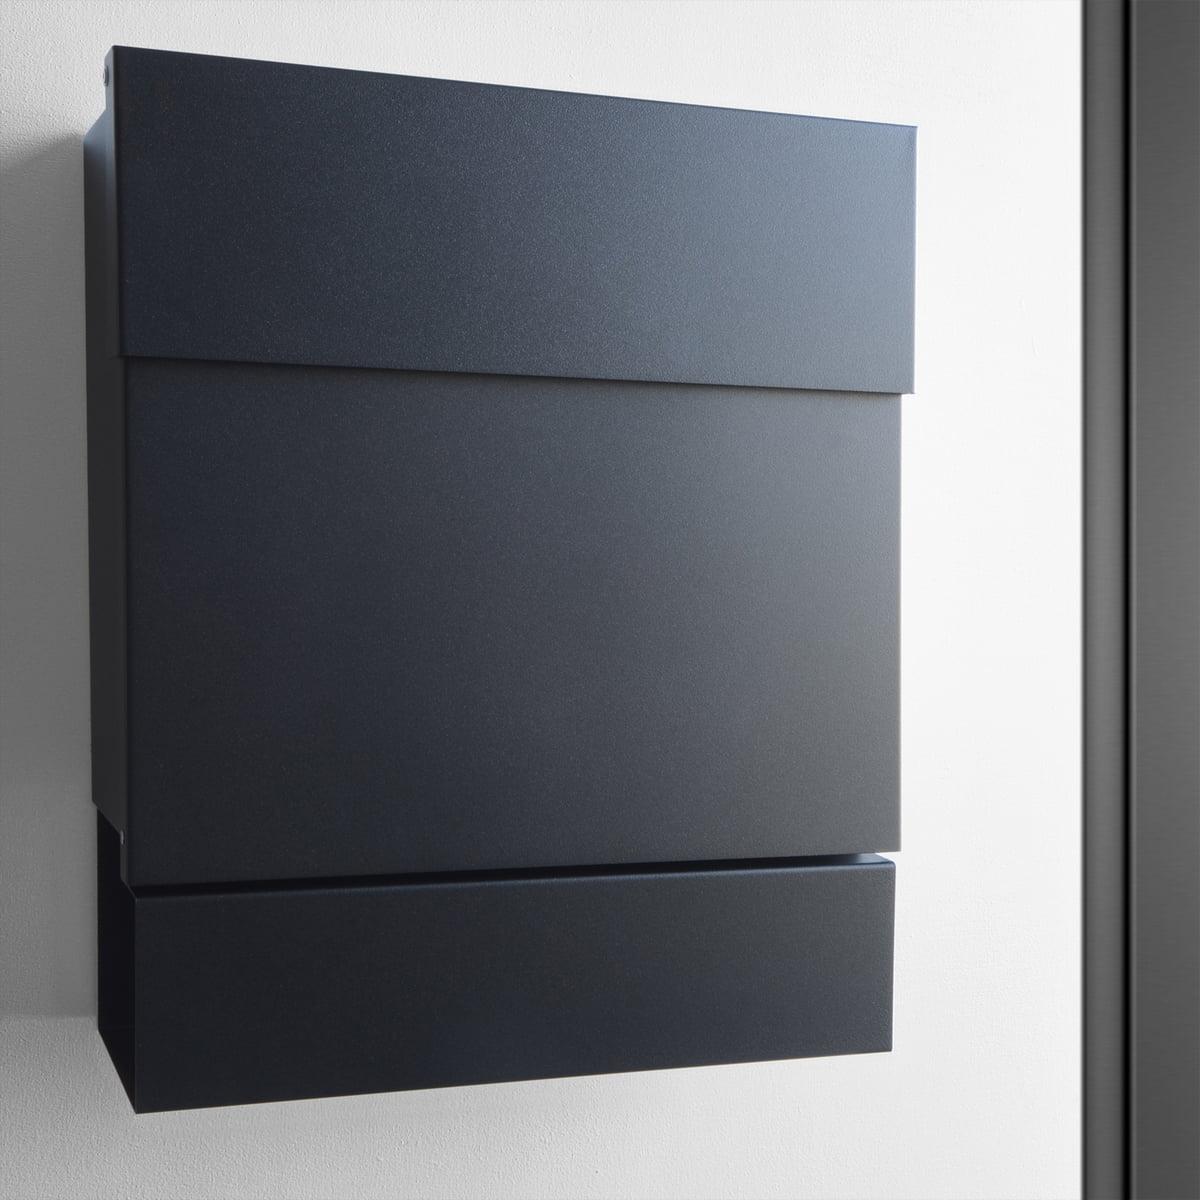 Briefkasten Lettermann briefkasten letterman v mit zeitungsrolle radius design connox